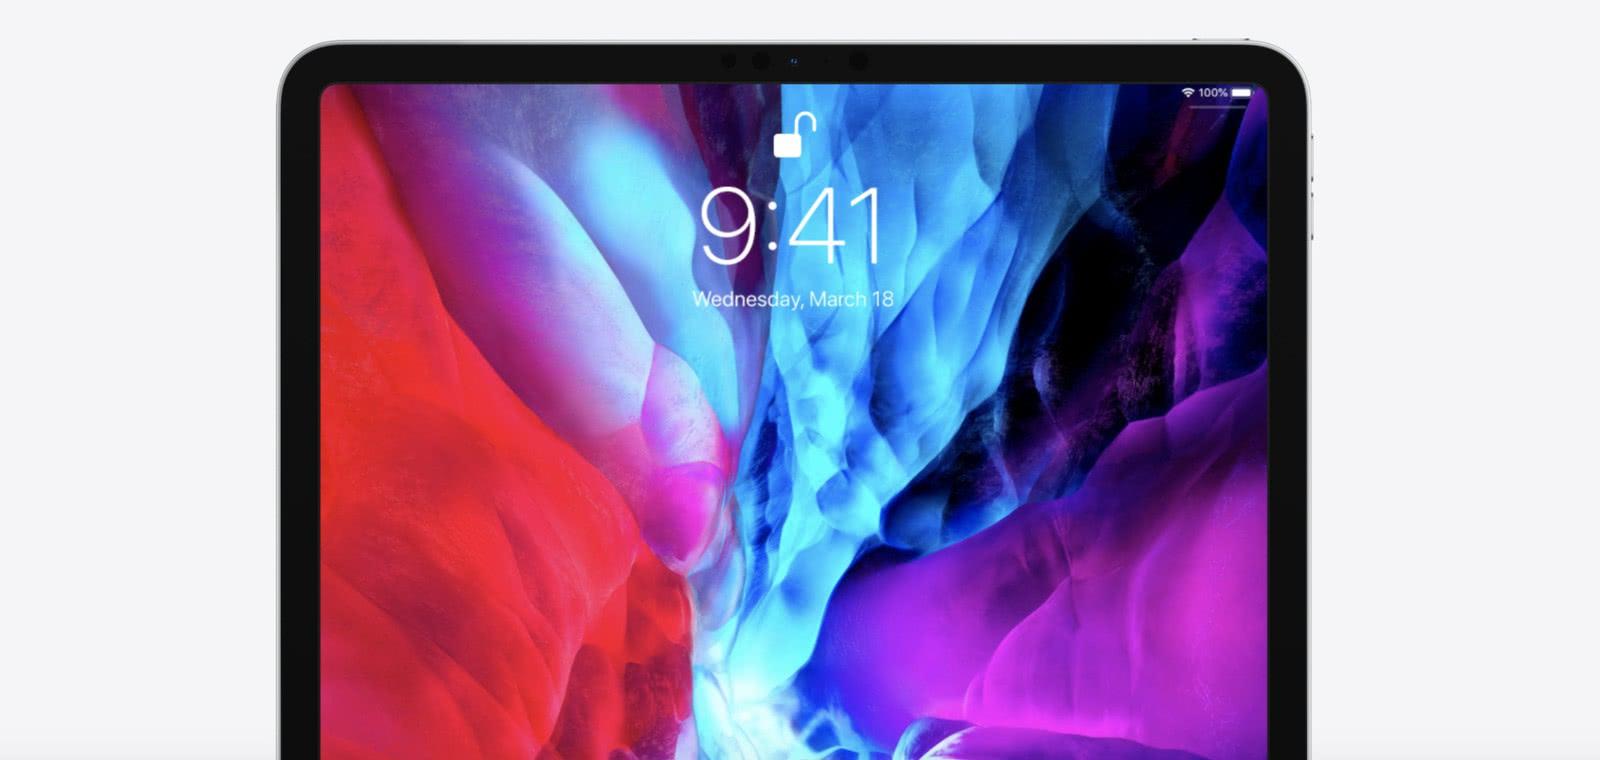 新消息称MiniLED屏幕iPad Pro已进入试产阶段  第1张